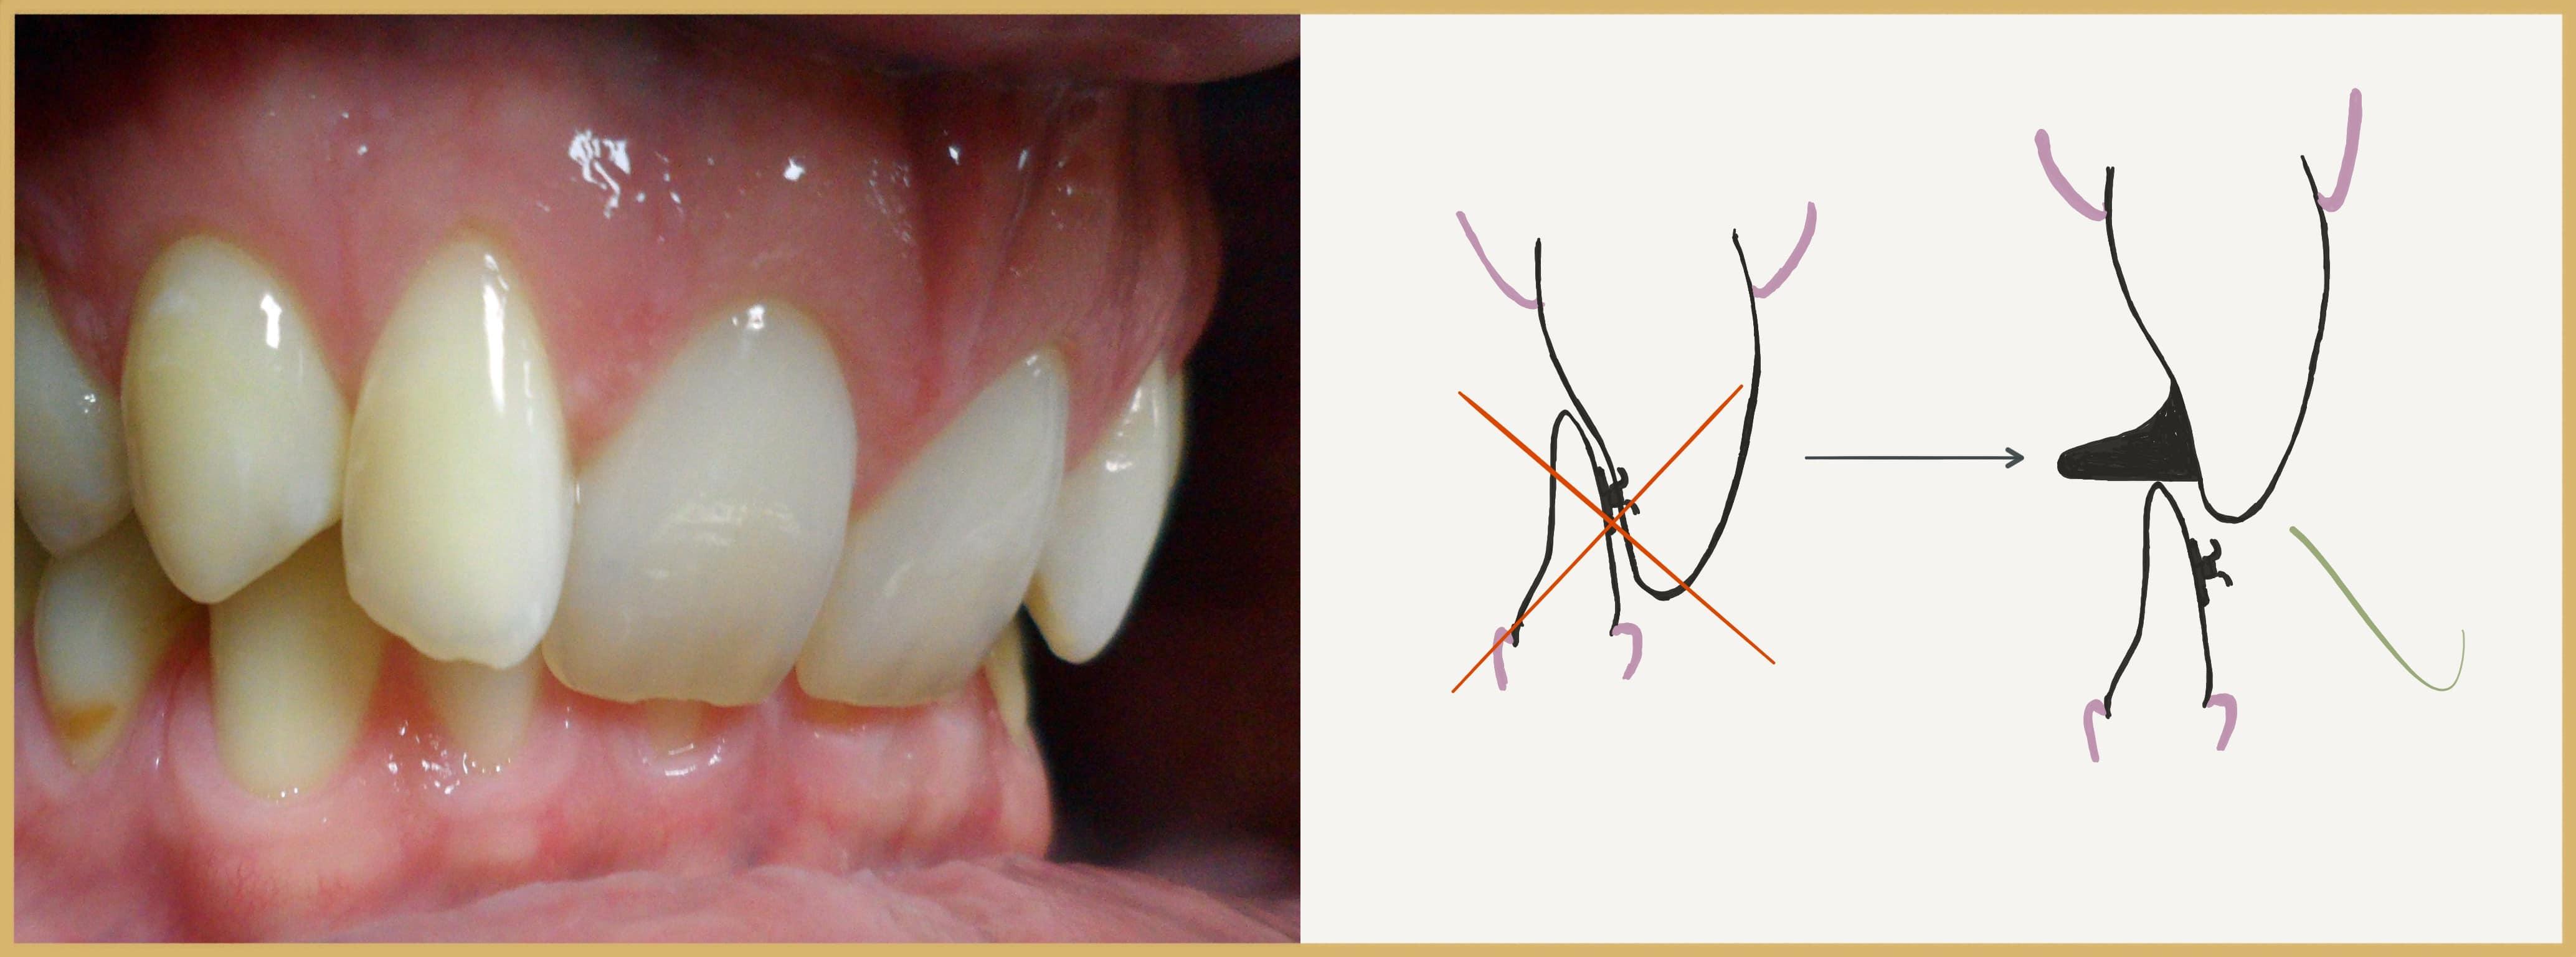 szent segít az ízületi betegségben a coxarthrosis tünetei a csípőízületek artrózisának kezelése